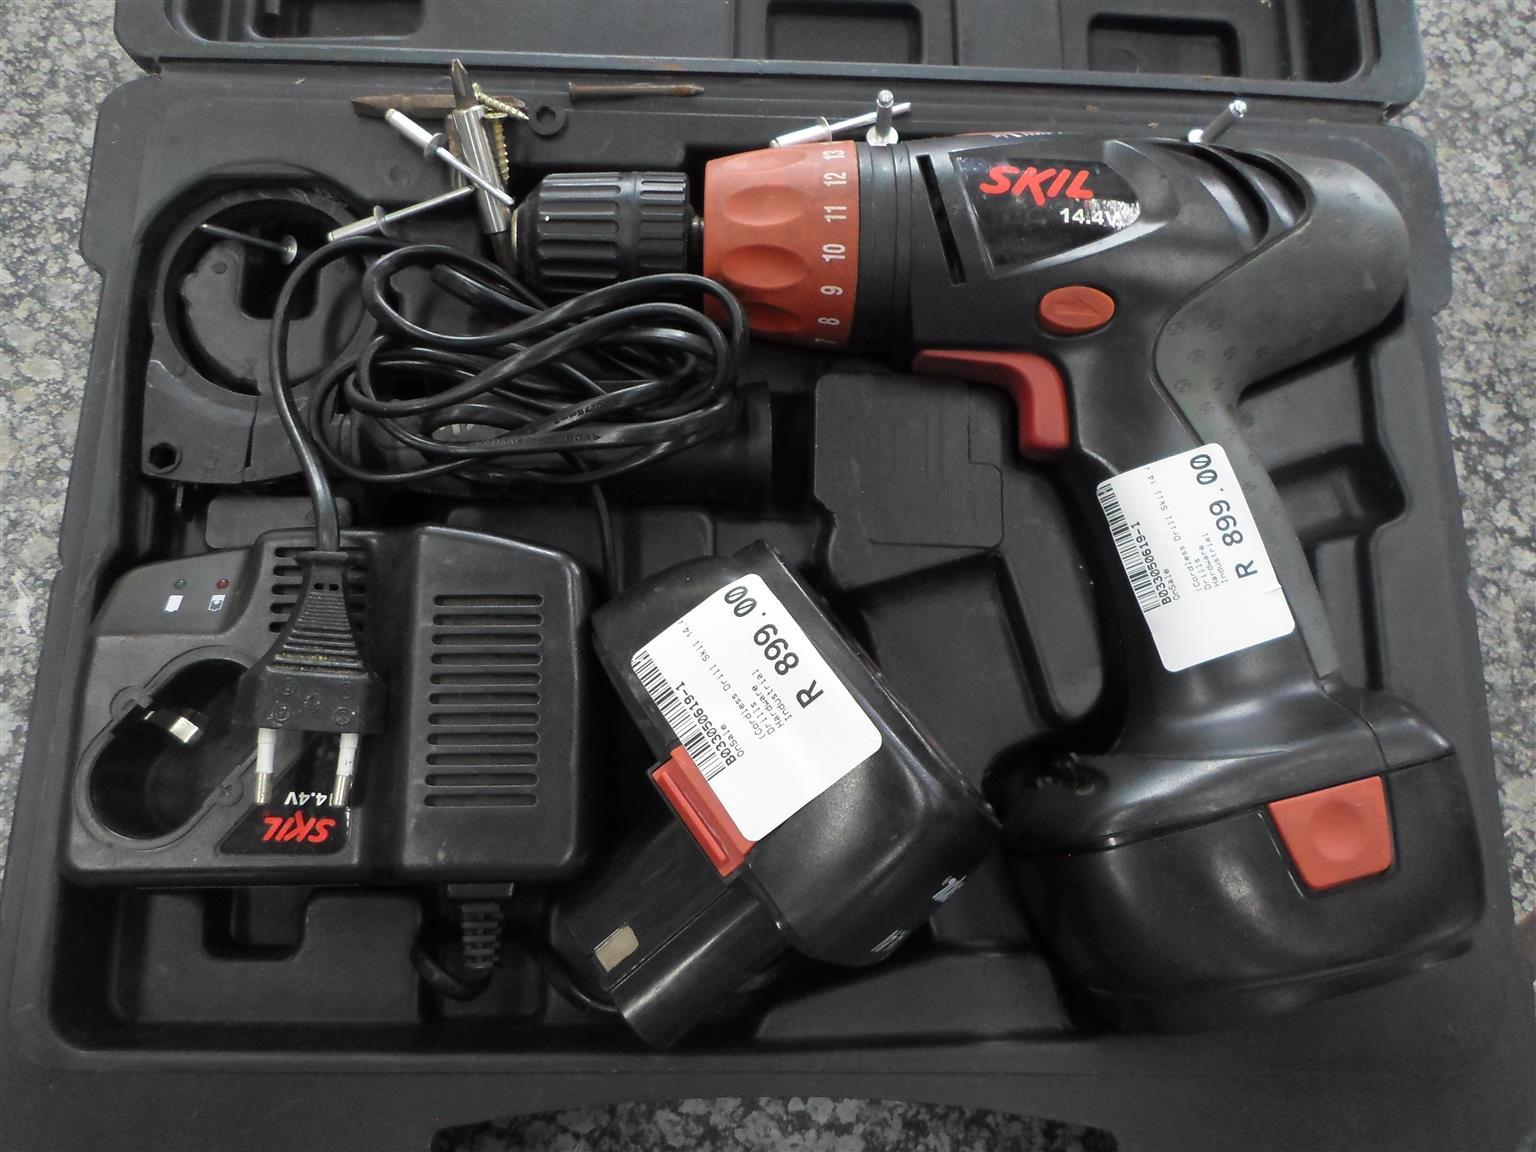 Skil 14.4V Cordless Drill